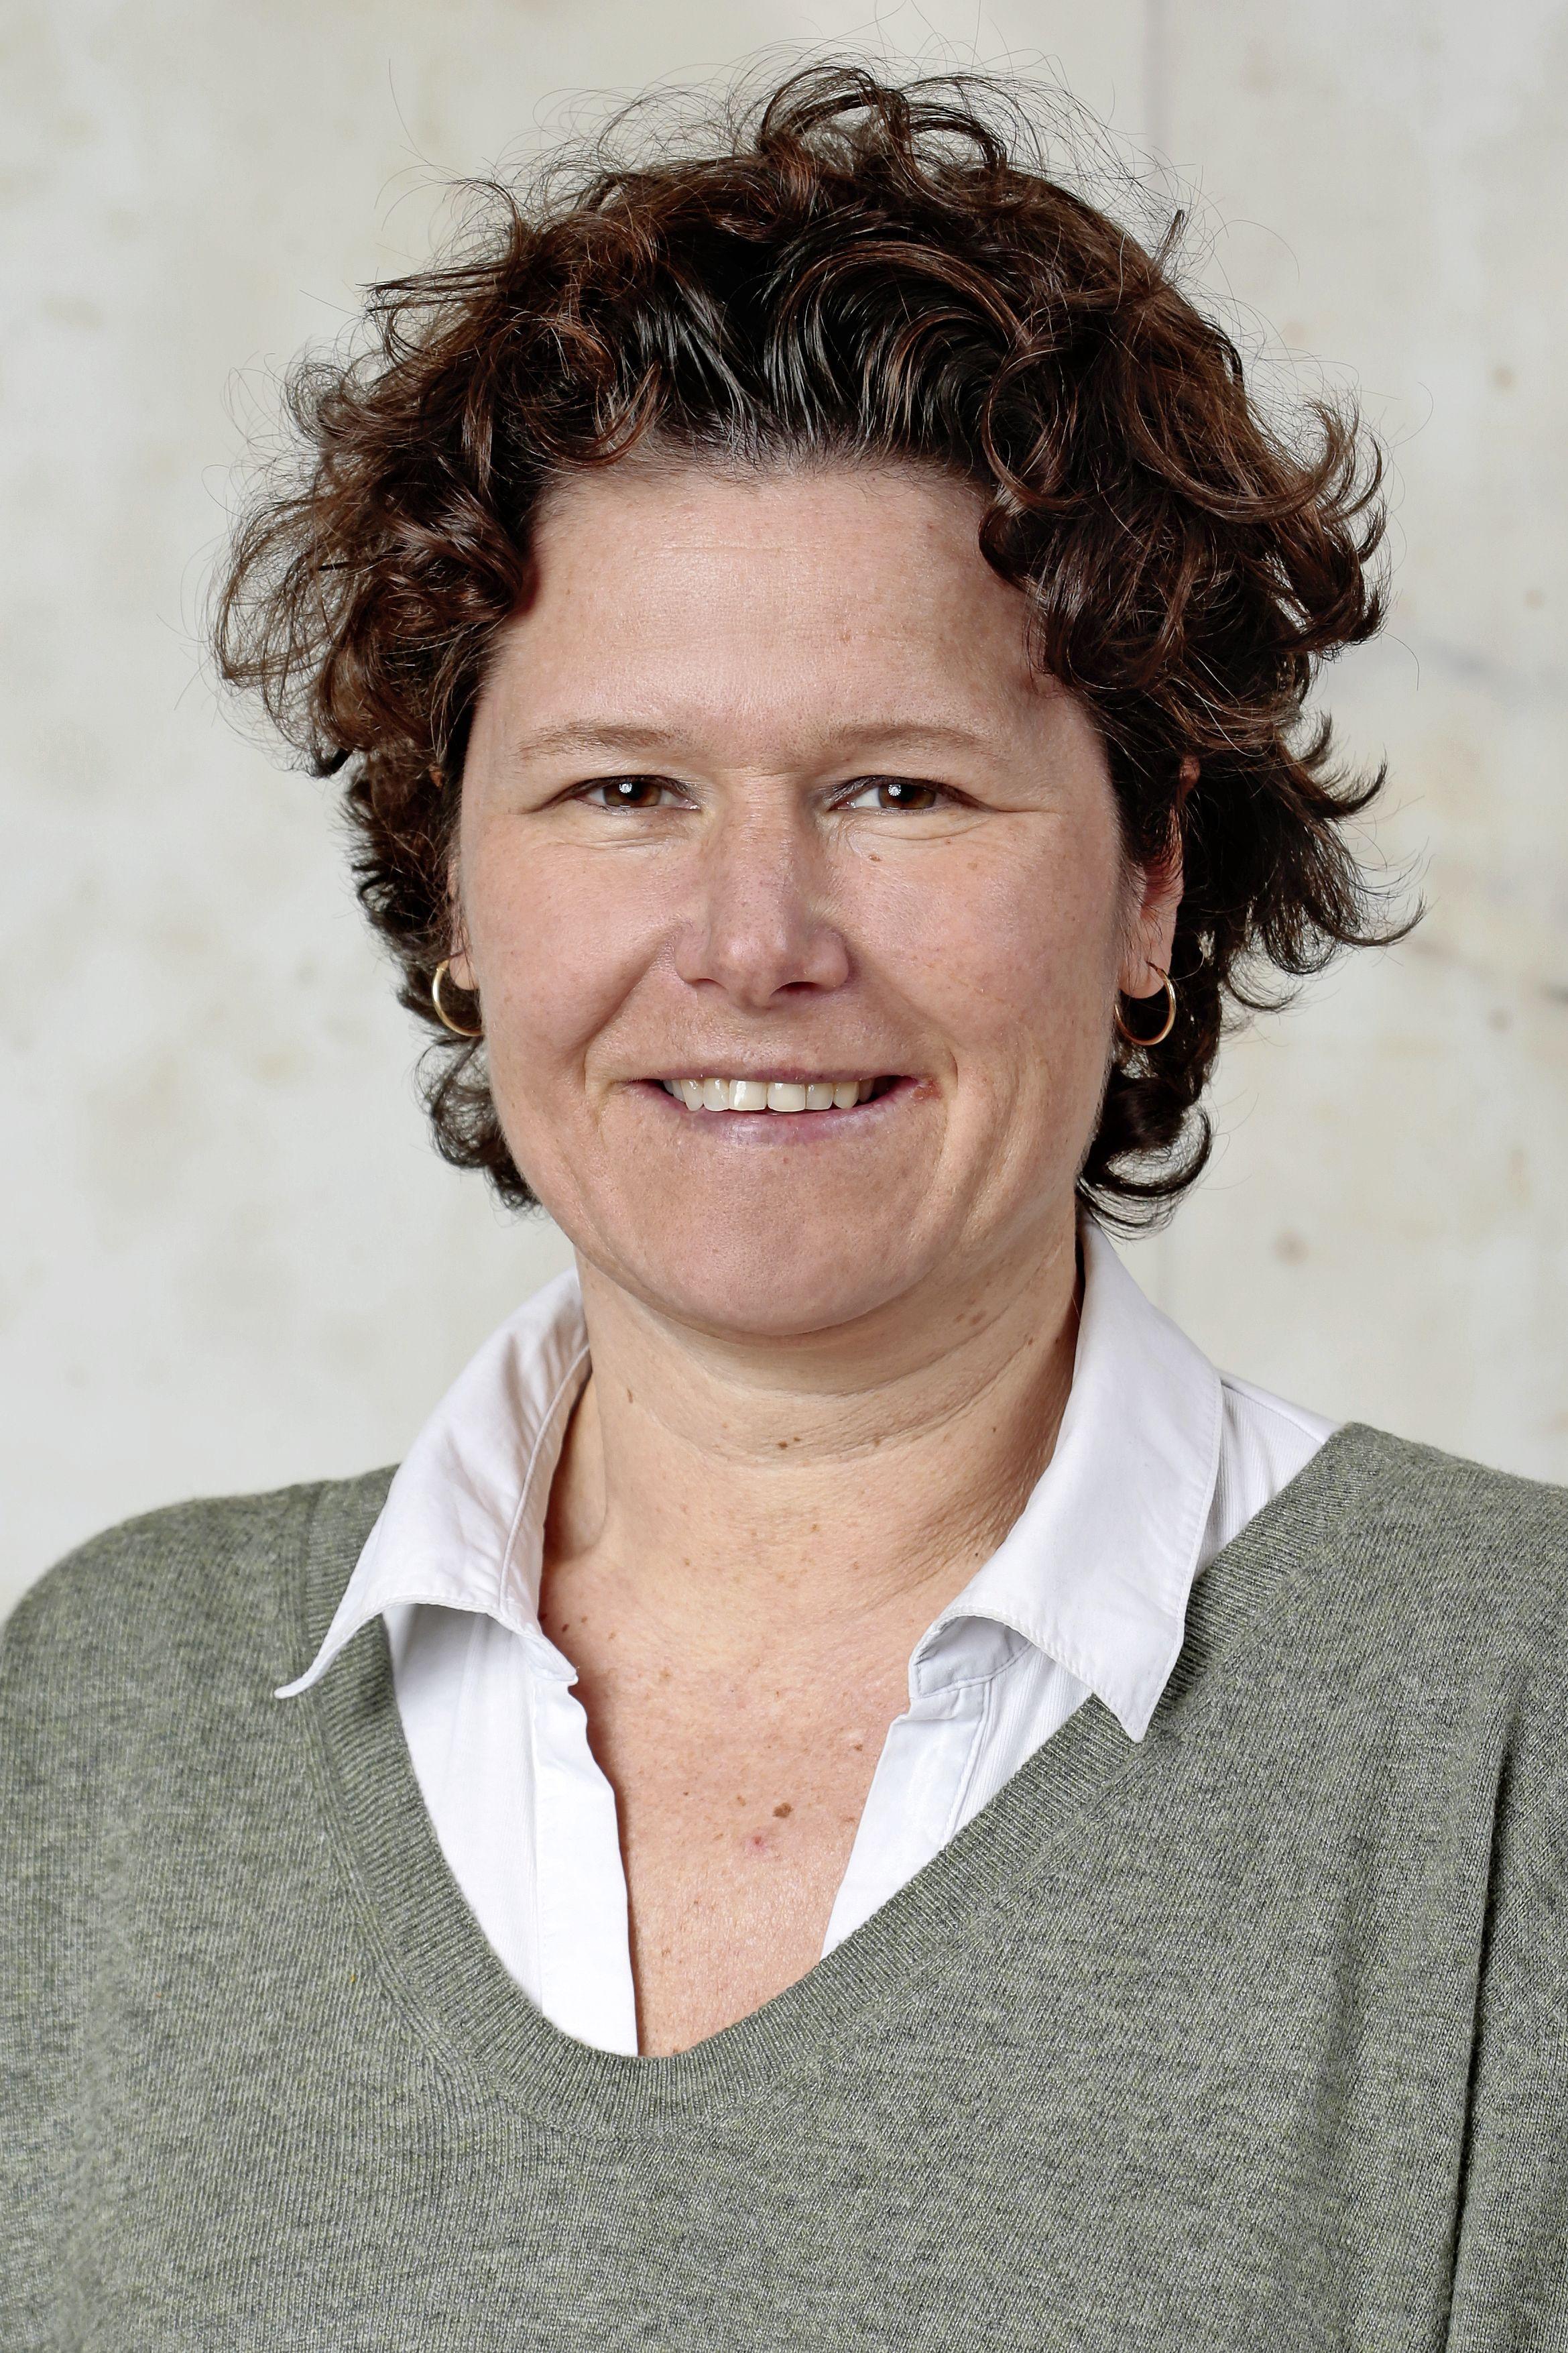 Verkeerswethouder Wolthers is komende verkiezingen lijsttrekker voor D66 Hilversum